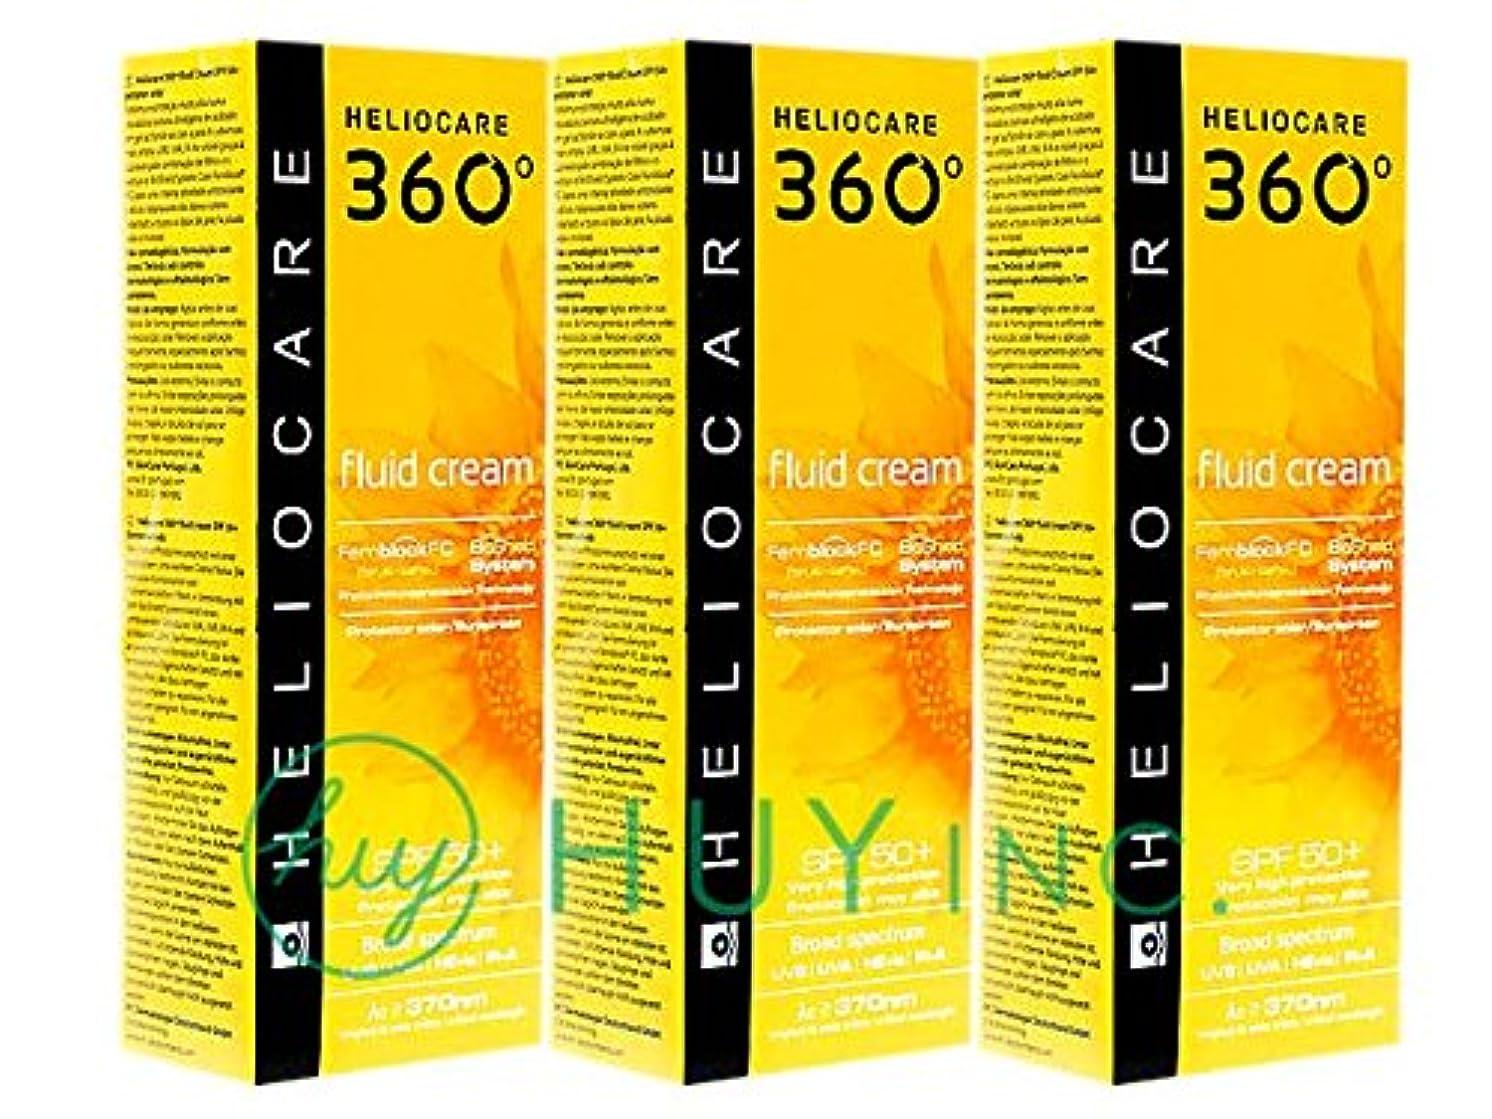 お金ゴム復活ルーフヘリオケア 360°フルイドクリーム(Heliocare360FluidCream)SPF50+ 3ボトル(50ml×3) [並行輸入品]